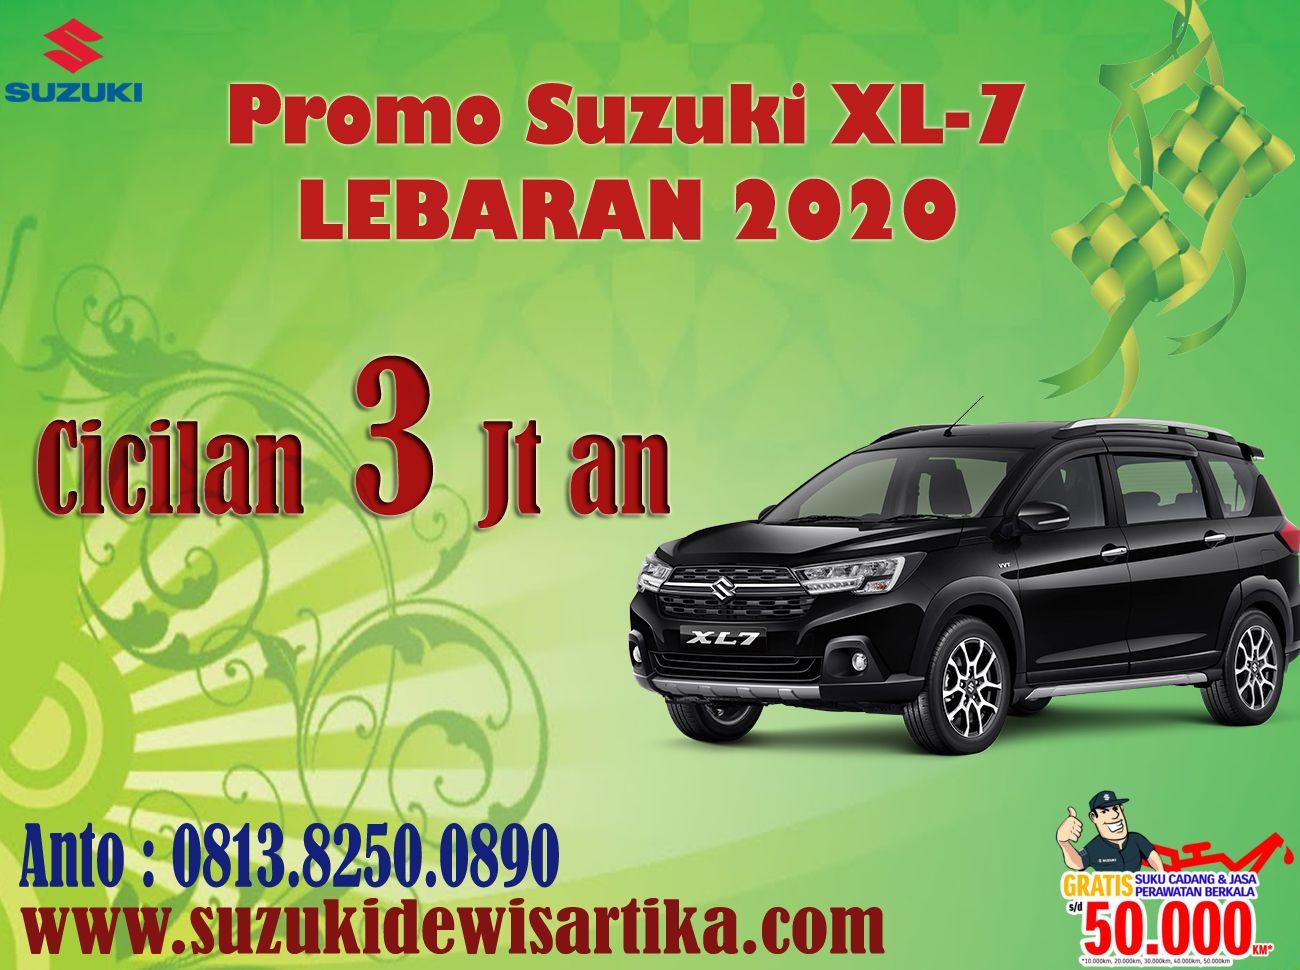 Promo Suzuki Xl7 Lebaran 2020 Mobil Baru Mobil Teman